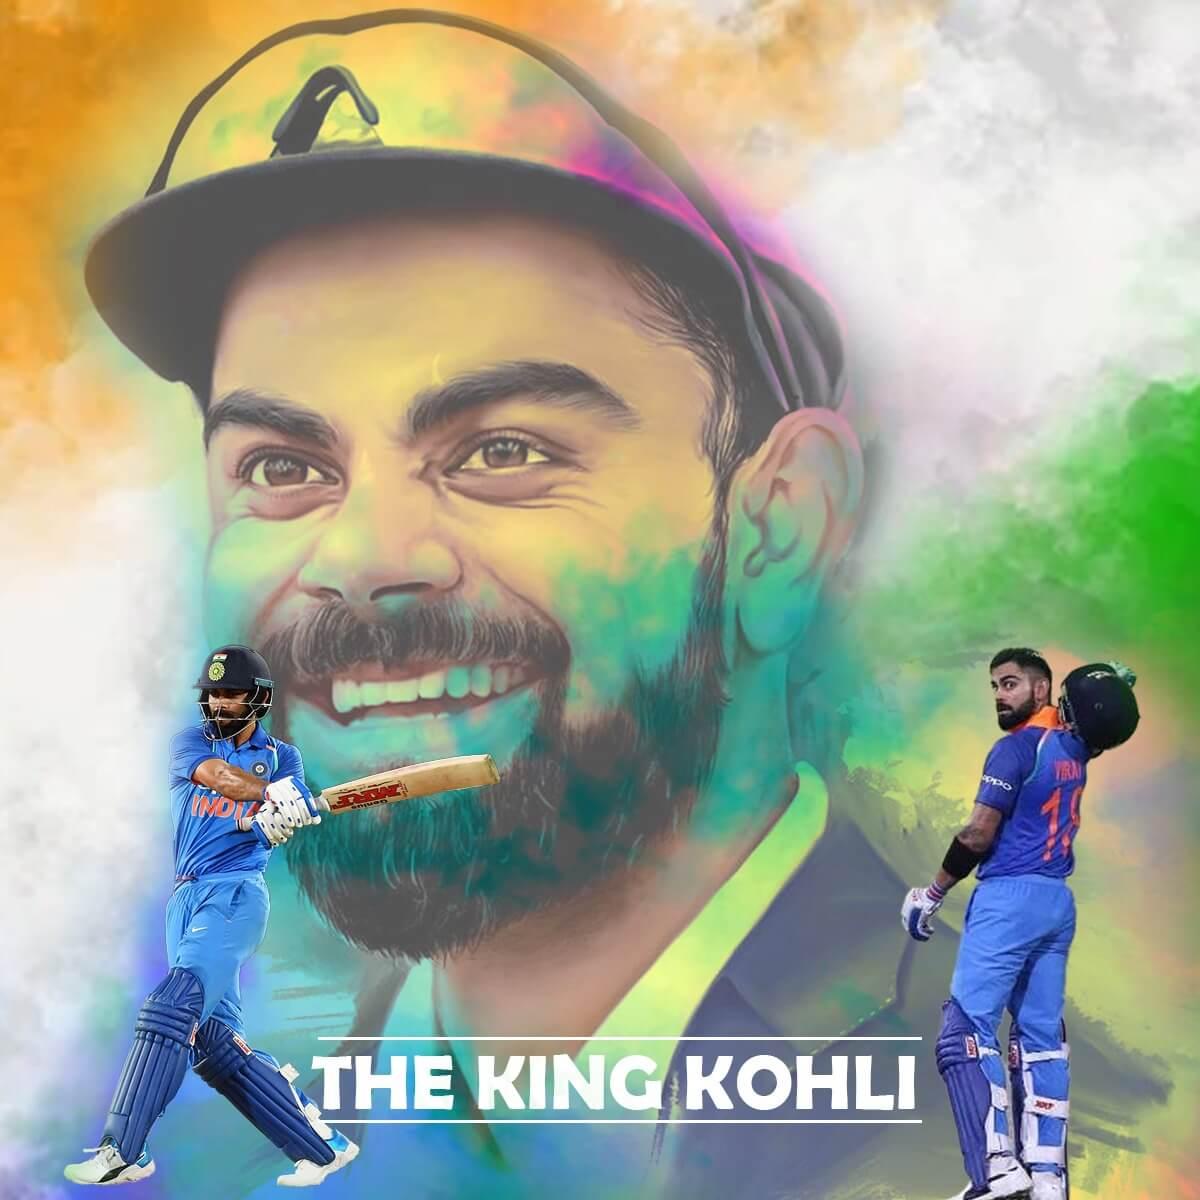 Virat Kohli: The King Kohli